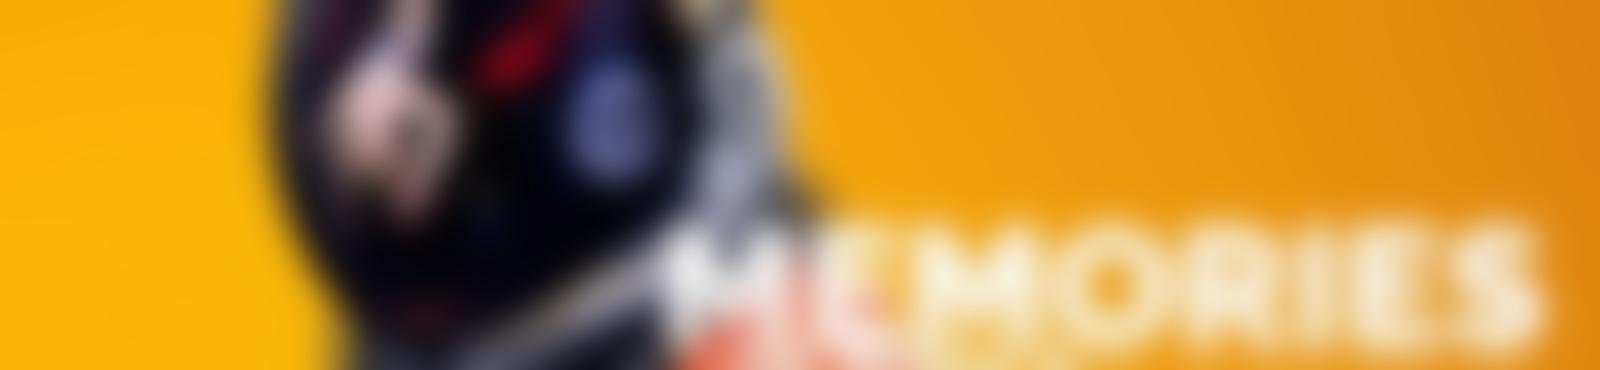 Blurred b0c49c5d 614f 49f0 a1f8 b6ecb5444f5f